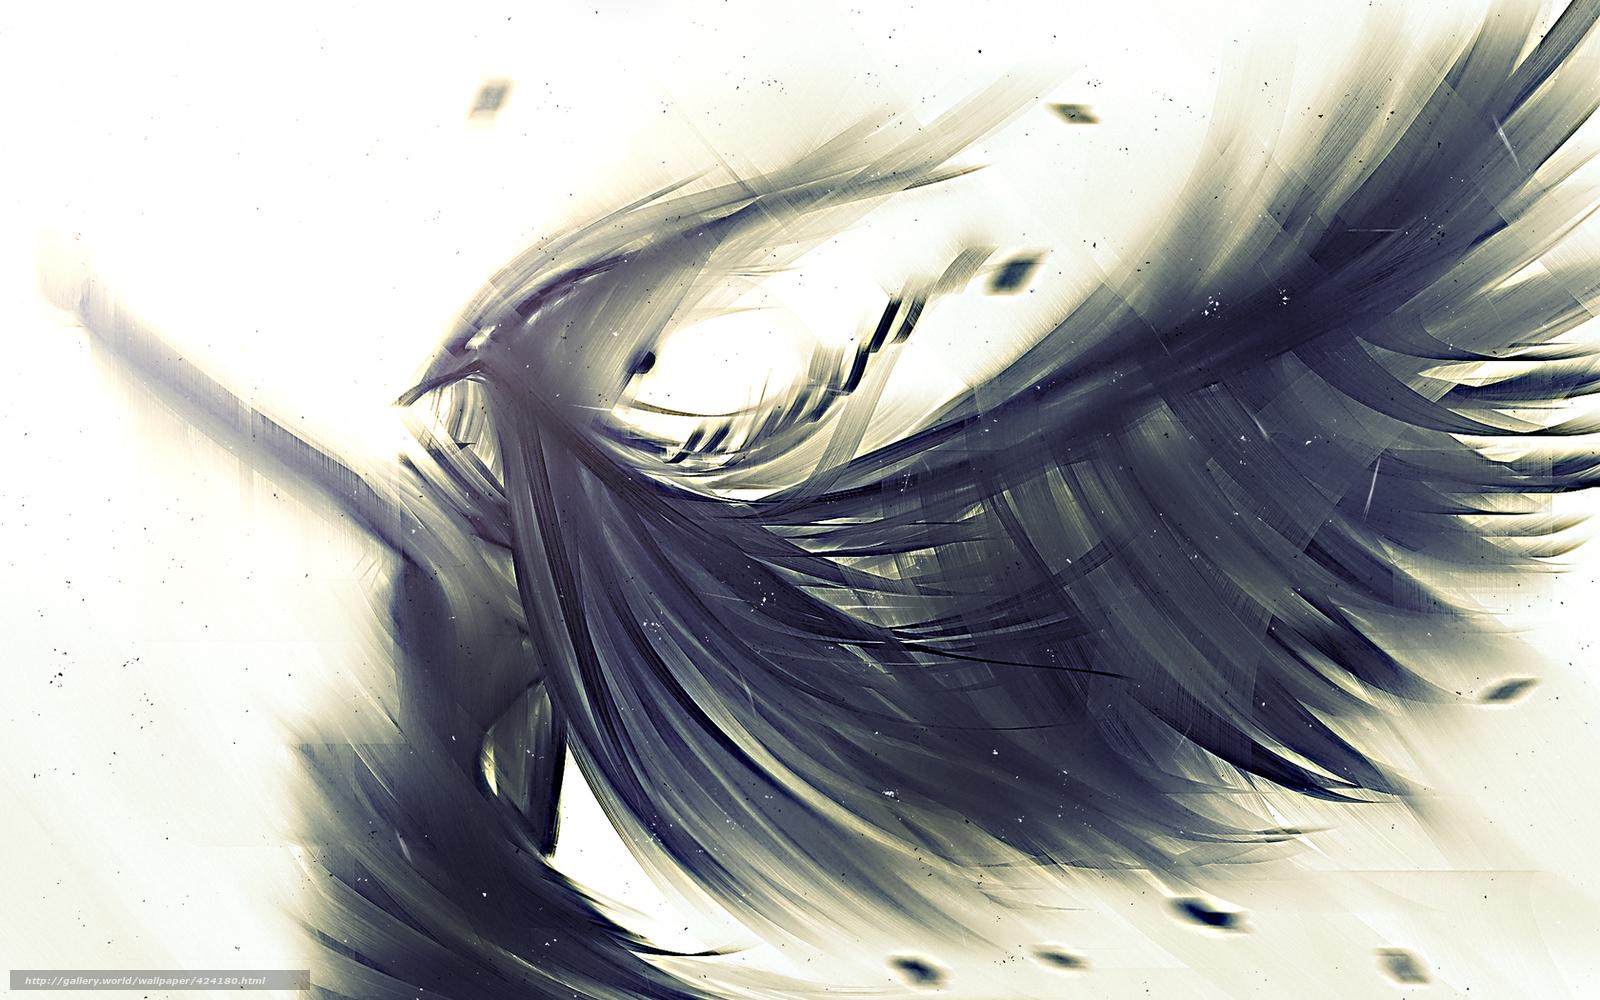 Скачать обои арт, рисунок, крылья ...: ru.gde-fon.com/download/art_risunok_krylya_perya_angel/424180...